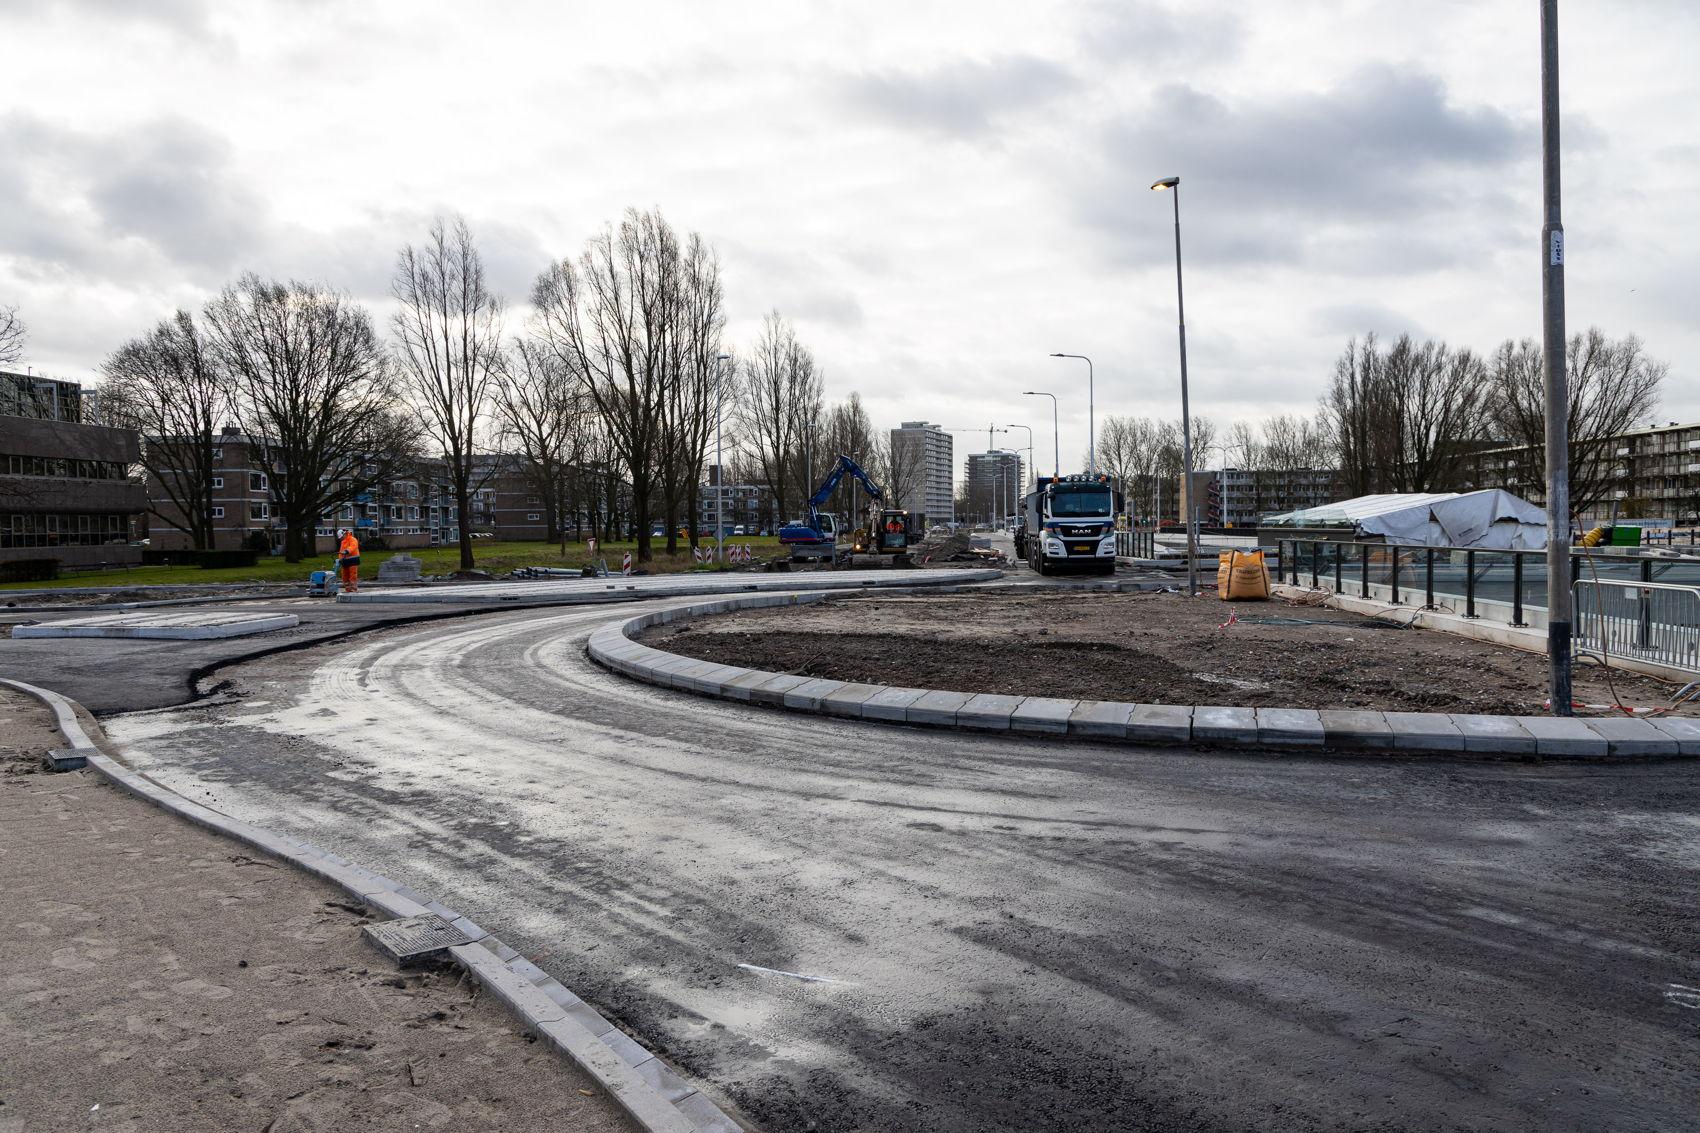 Op maandag 17 februari krijgt de oostkant van de nieuwe rotonde steeds meer vorm. Ietsjes vertraagd door de stortbuien van zondag, is gisteravond dit deel opengesteld voor auto's!